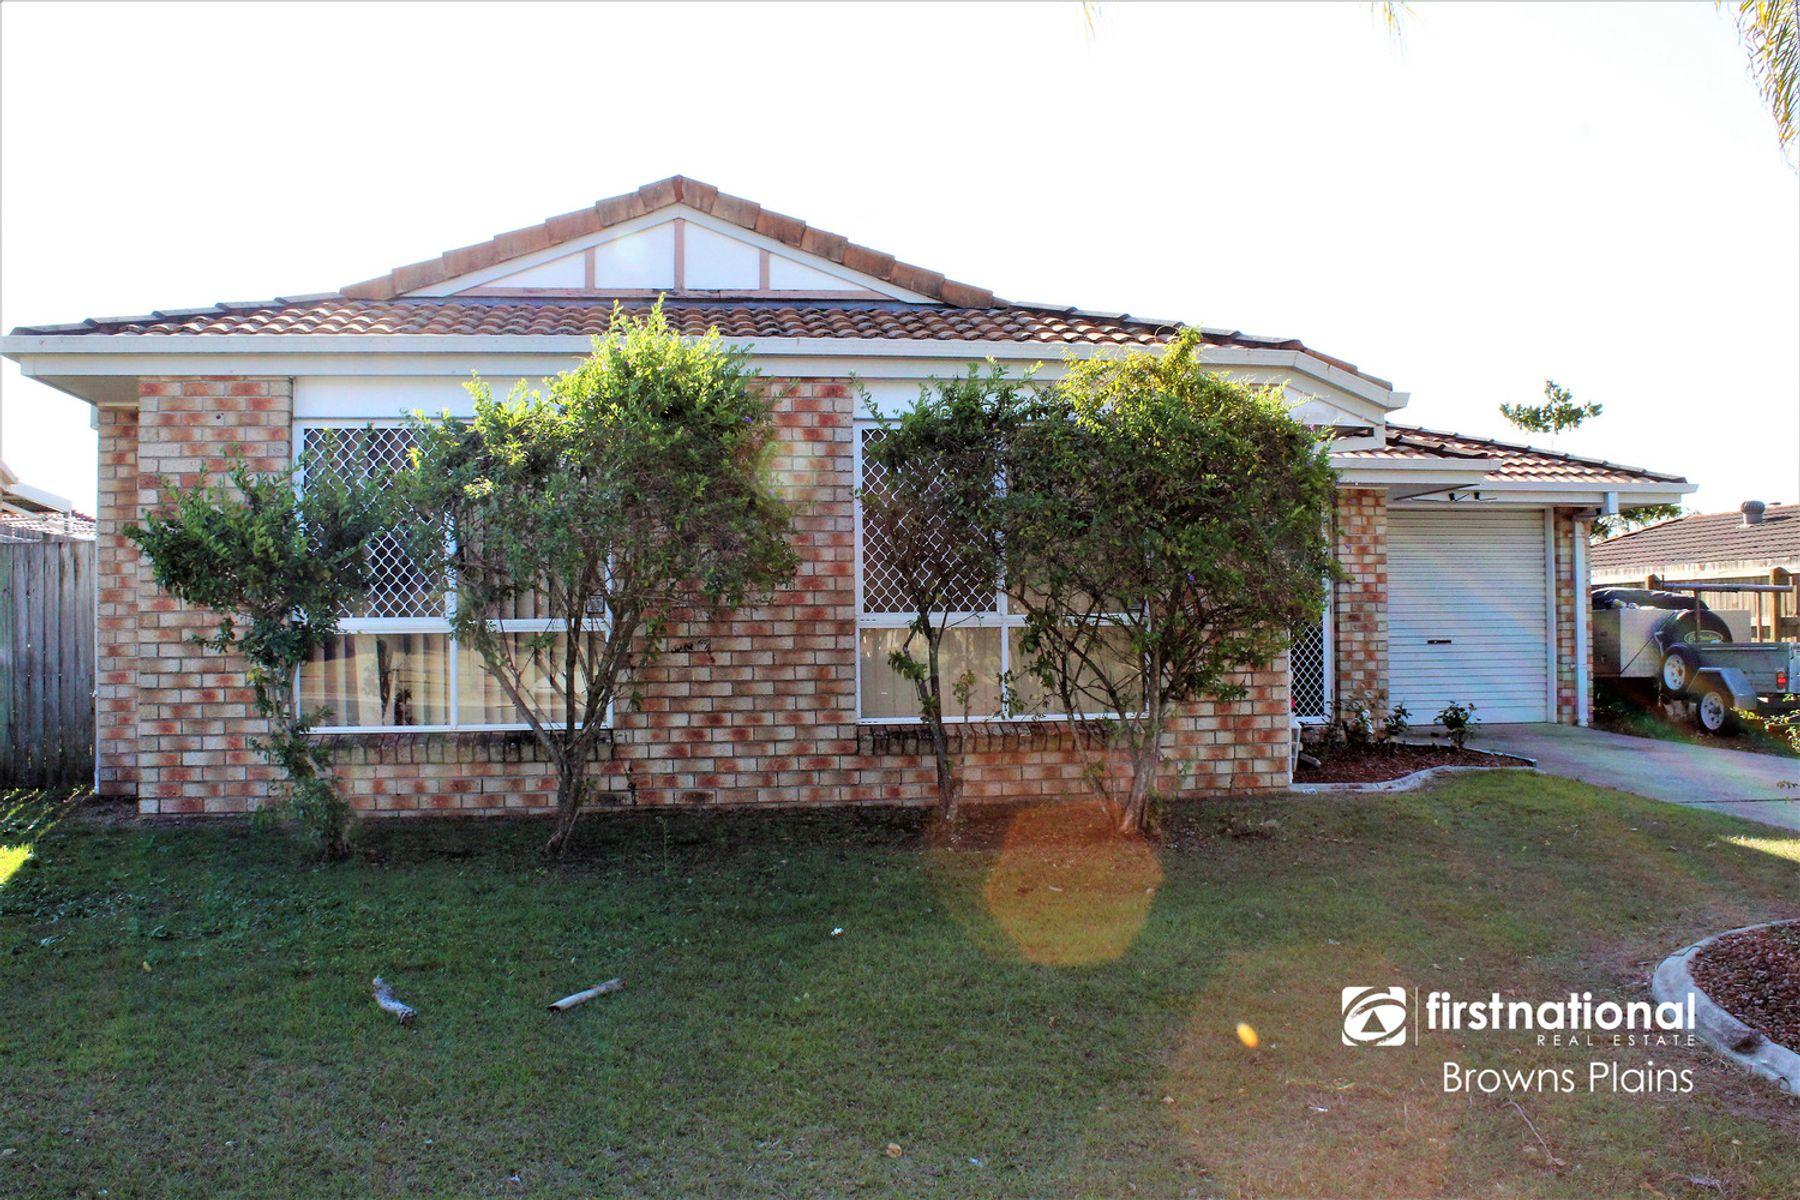 132 Fourth Avenue, Marsden, QLD 4132